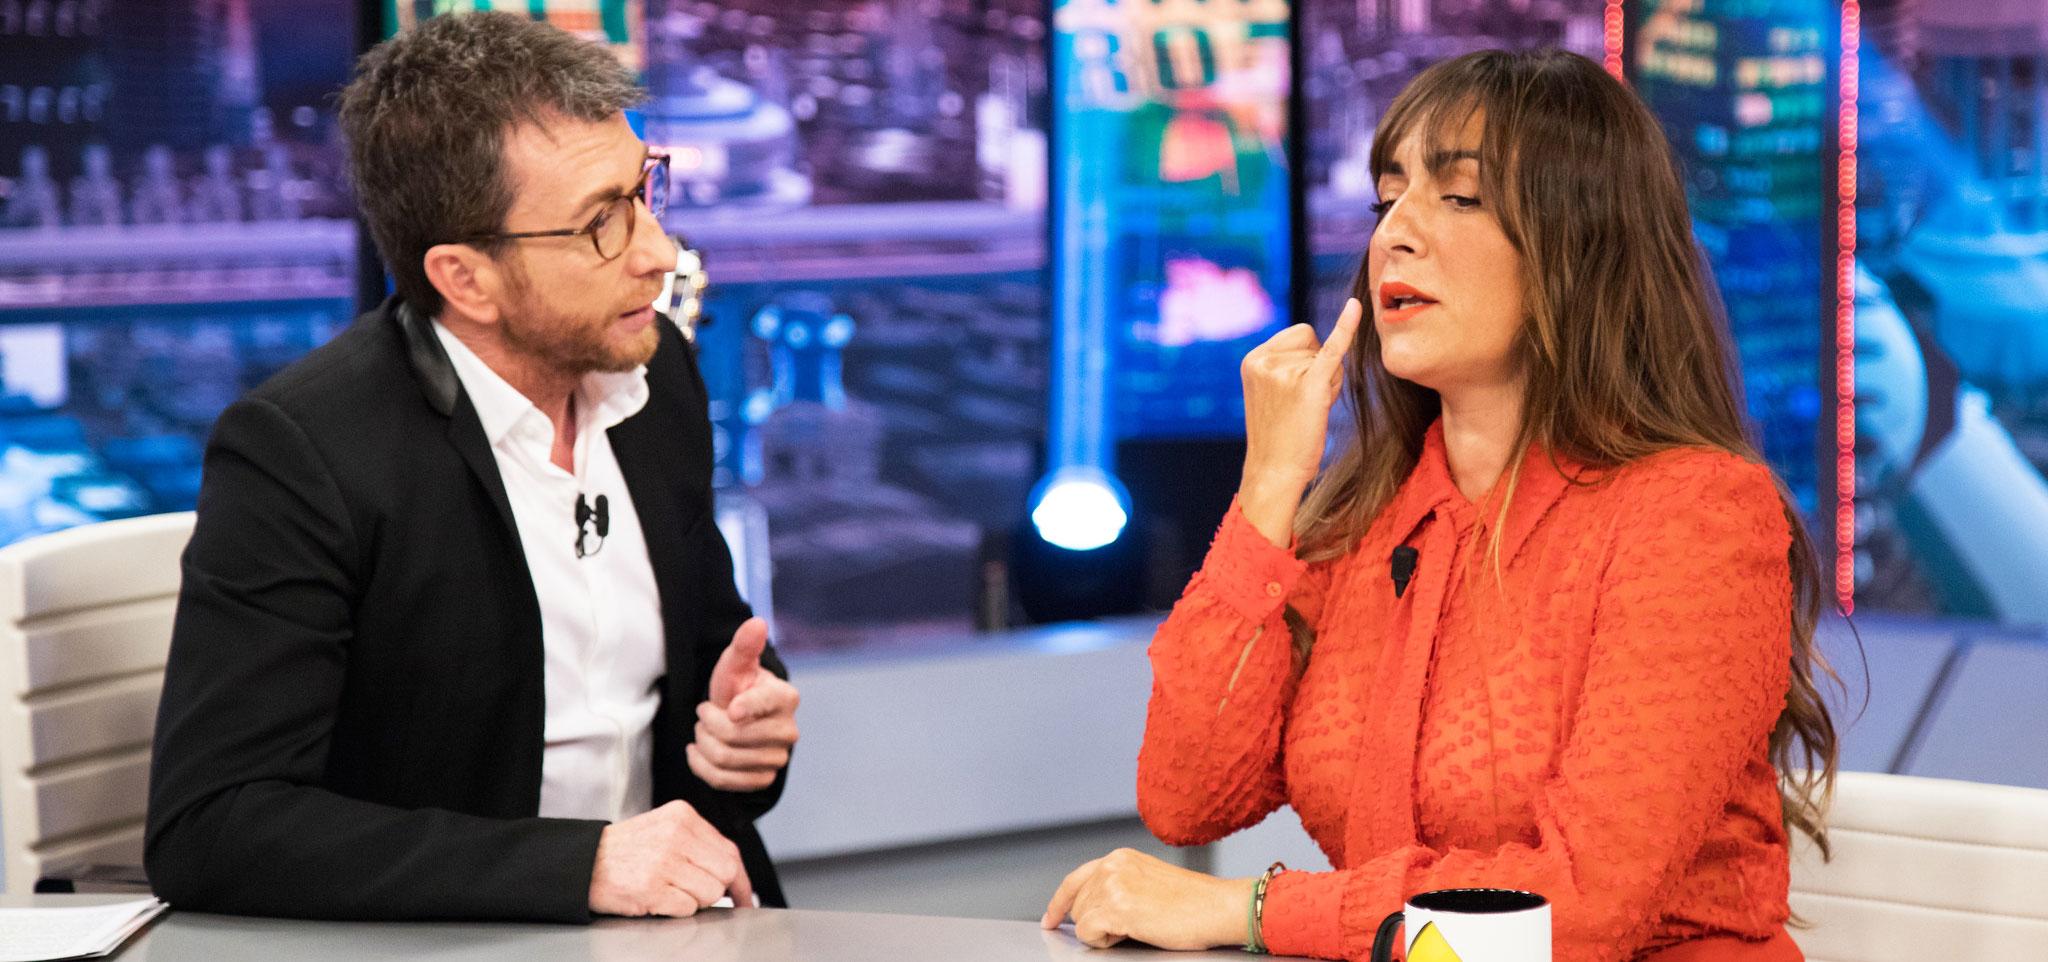 La actriz Candela Peña le falta al respeto a Pablo Motos y el presentador le mete un corte épico